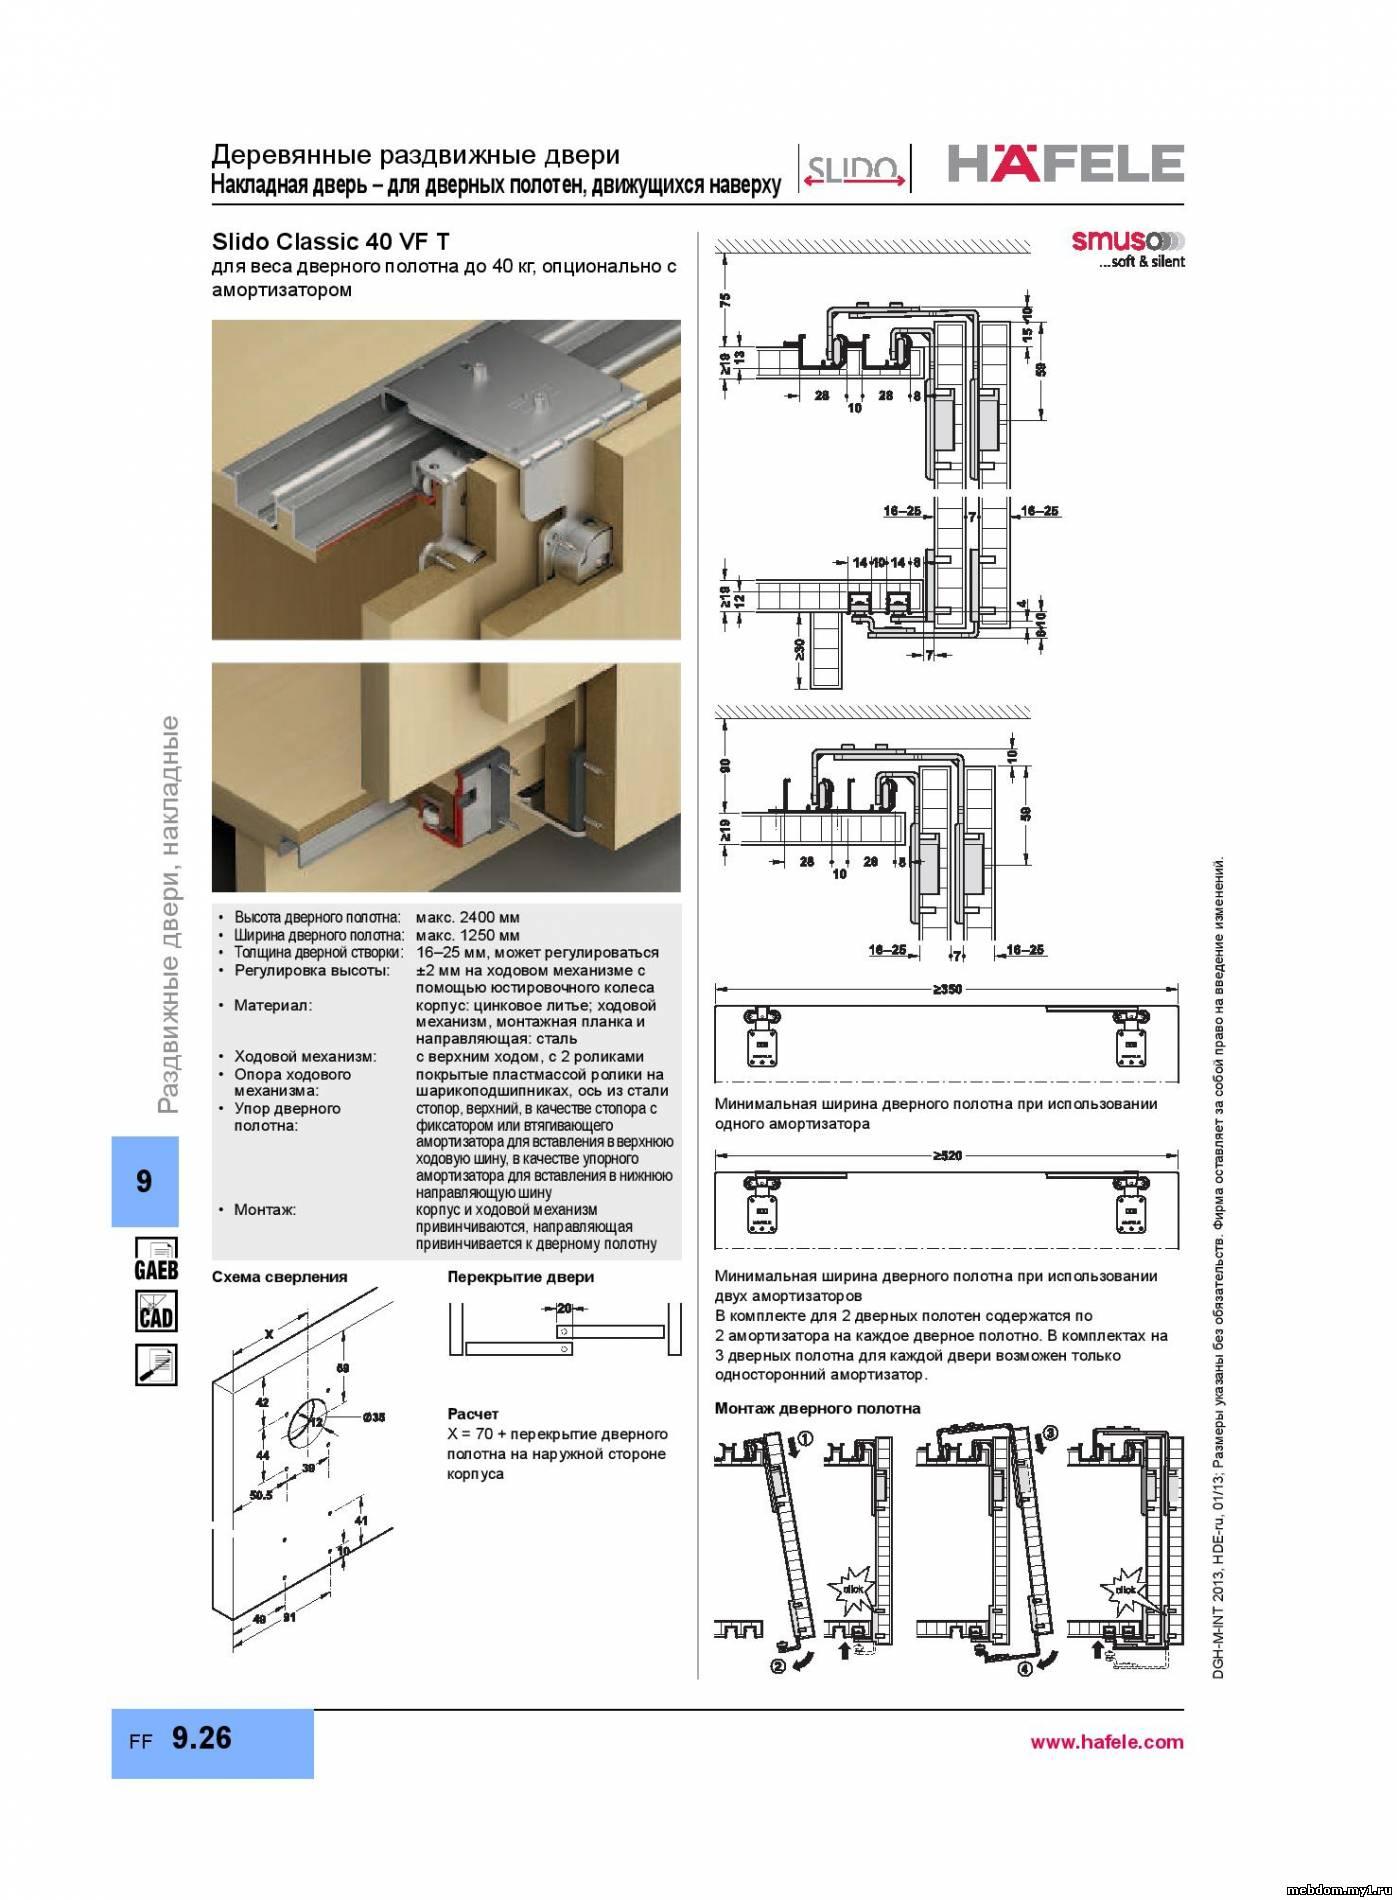 Раздвижные двери своими руками : монтаж, установка, изготовление 89